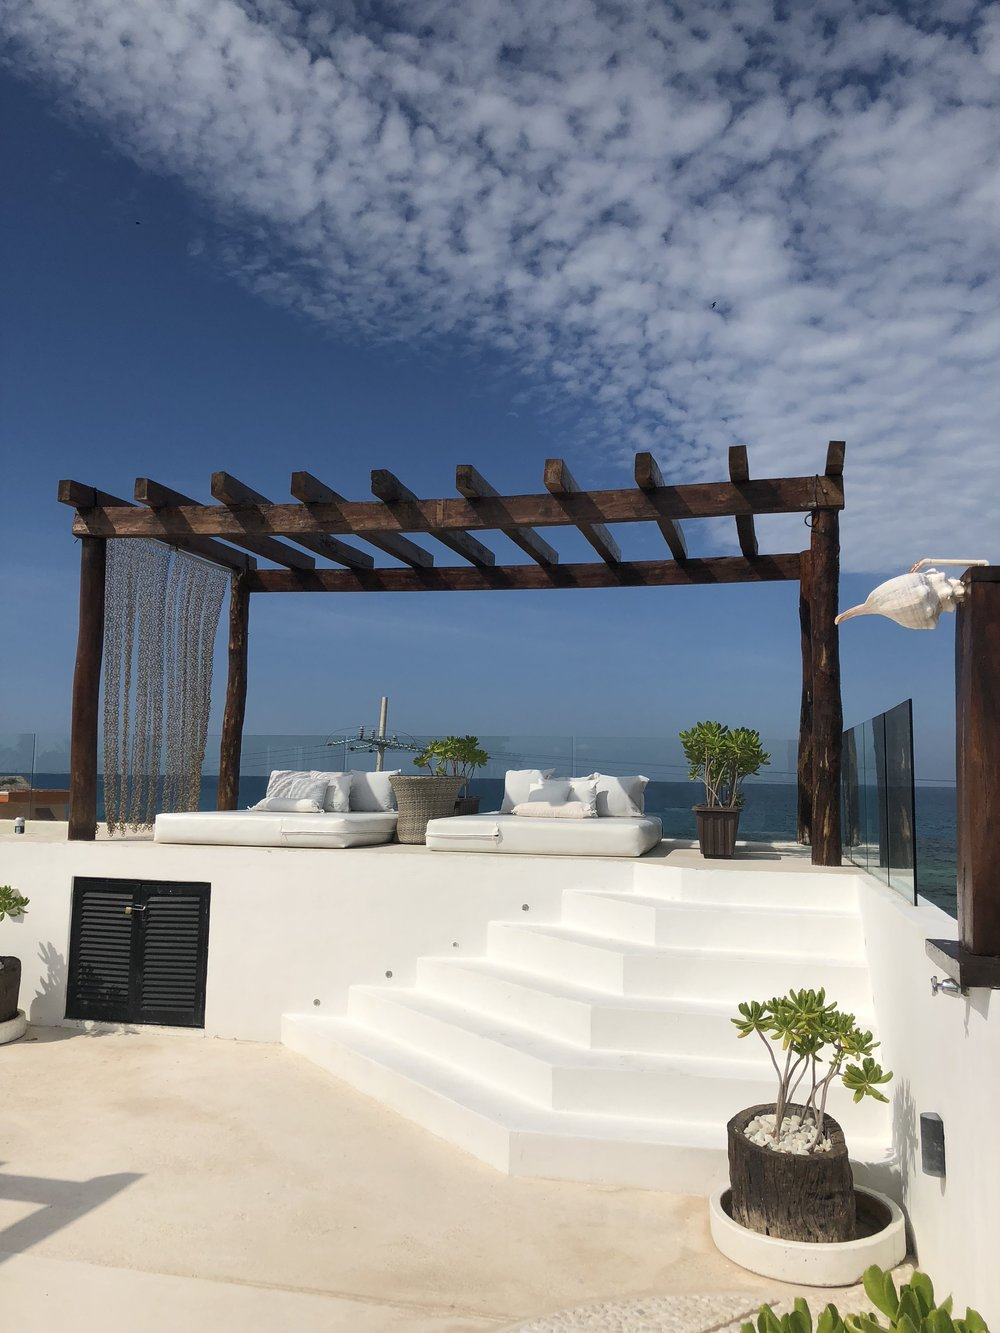 Honeymoon inspiration in the Yucatan peninsula